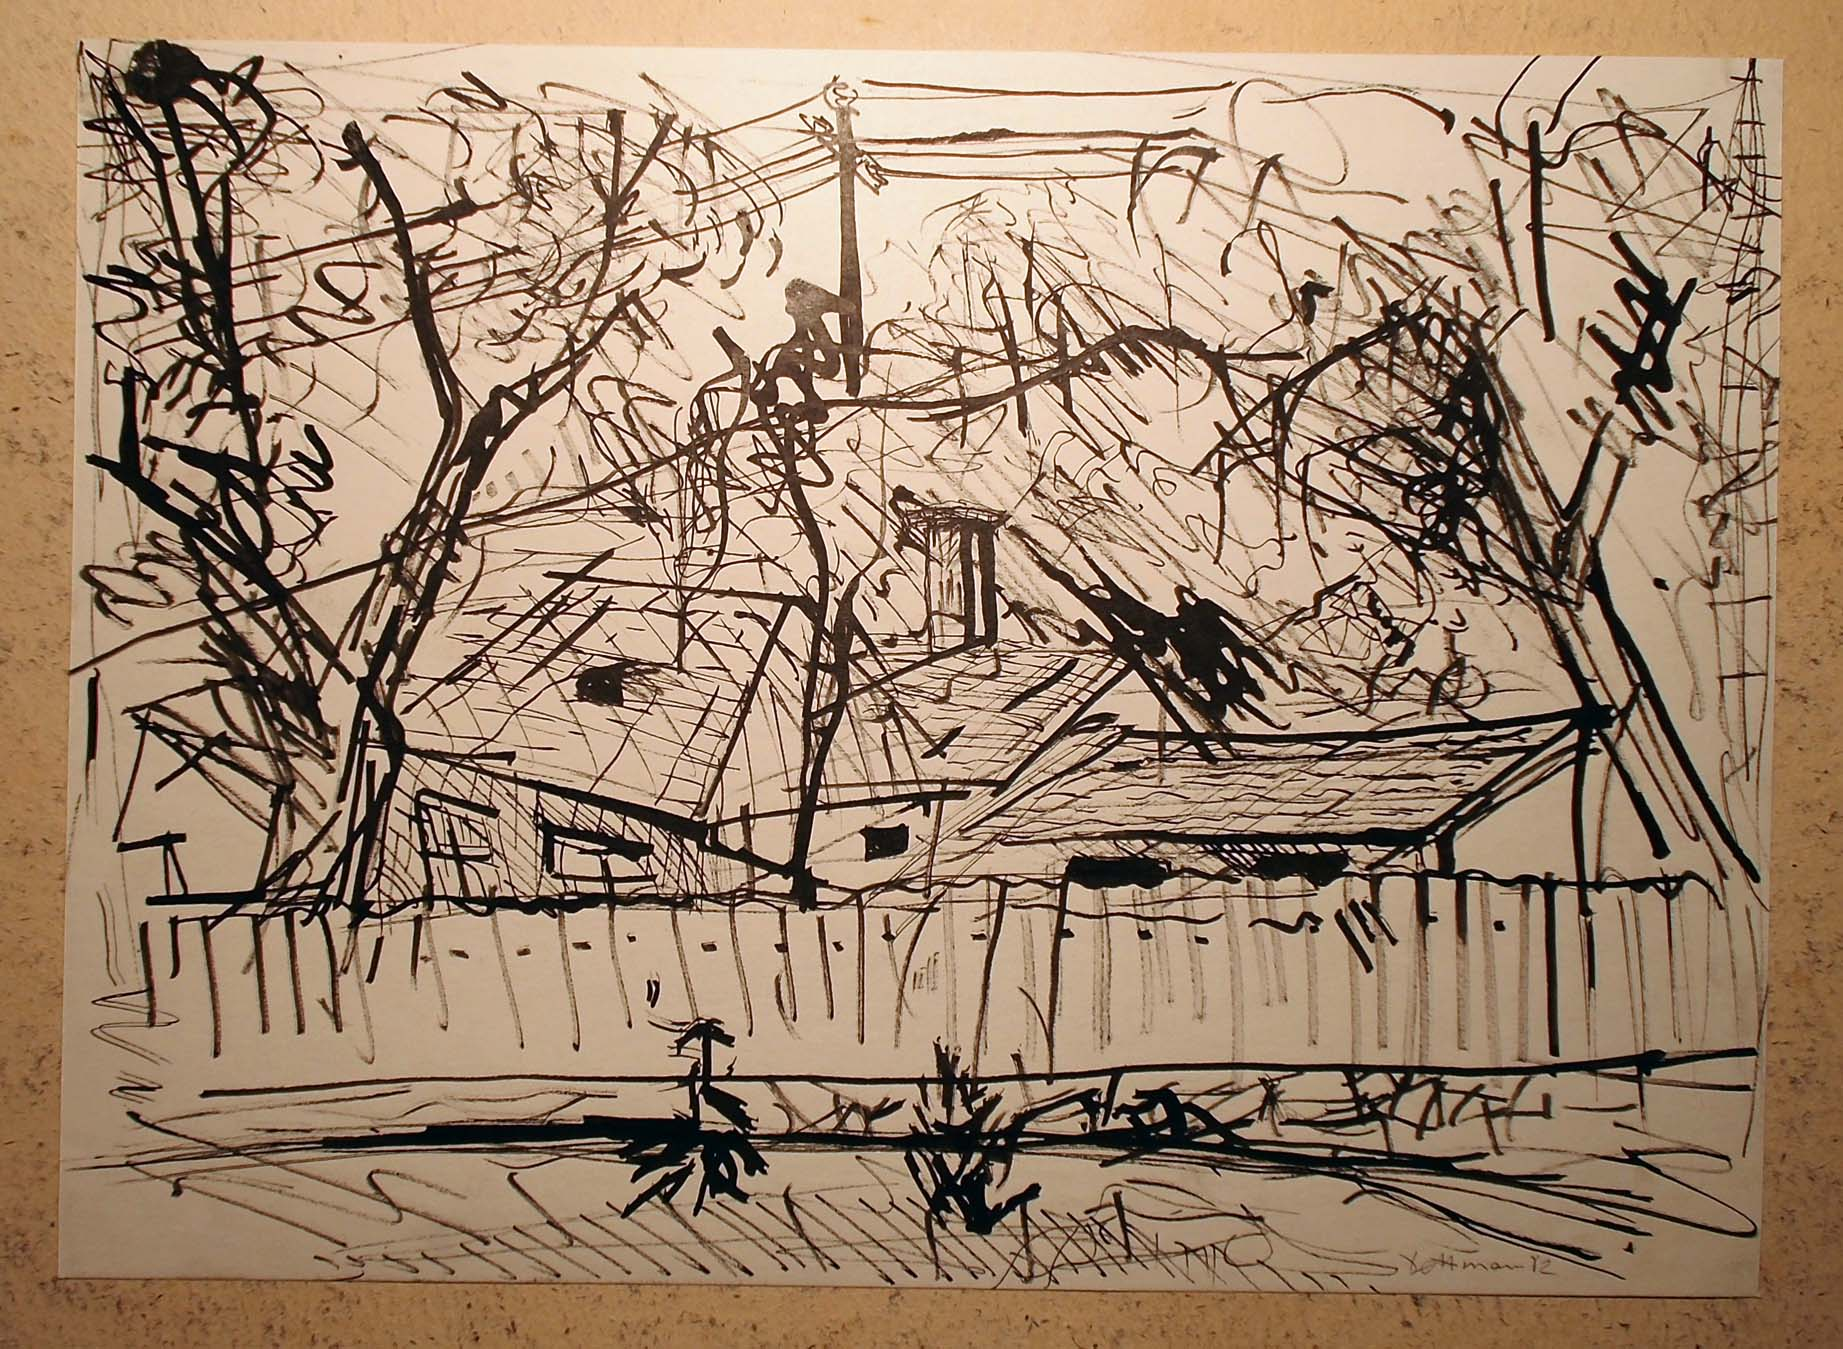 Pankpress Tusche Zeichnung In böhmischen Dörfern XI Peter Dettmann 1982